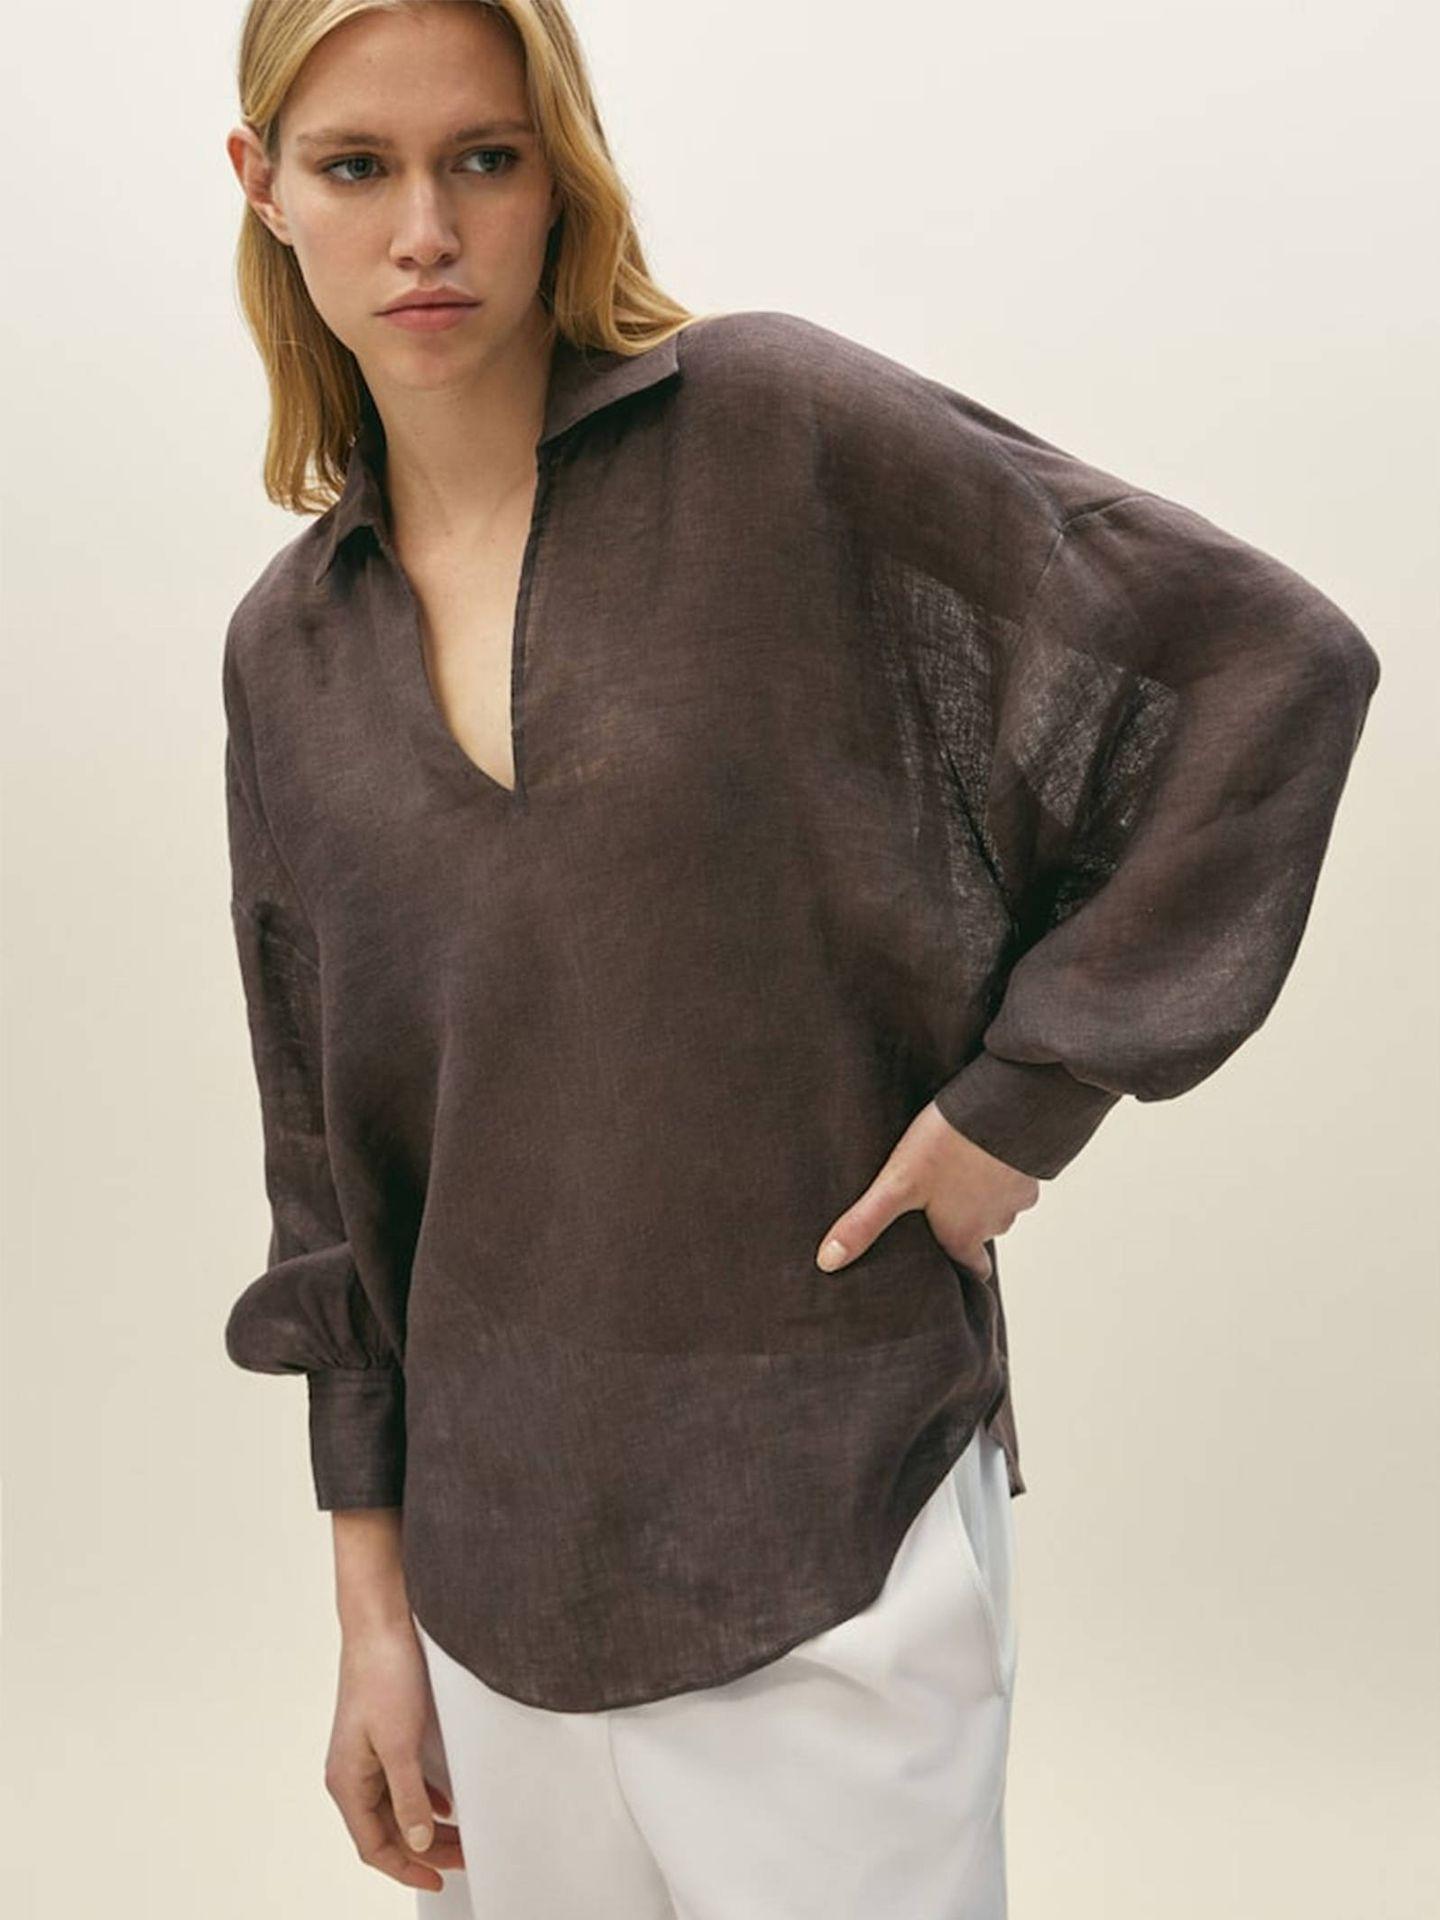 Blusa de Massimo Dutti. (Cortesía)